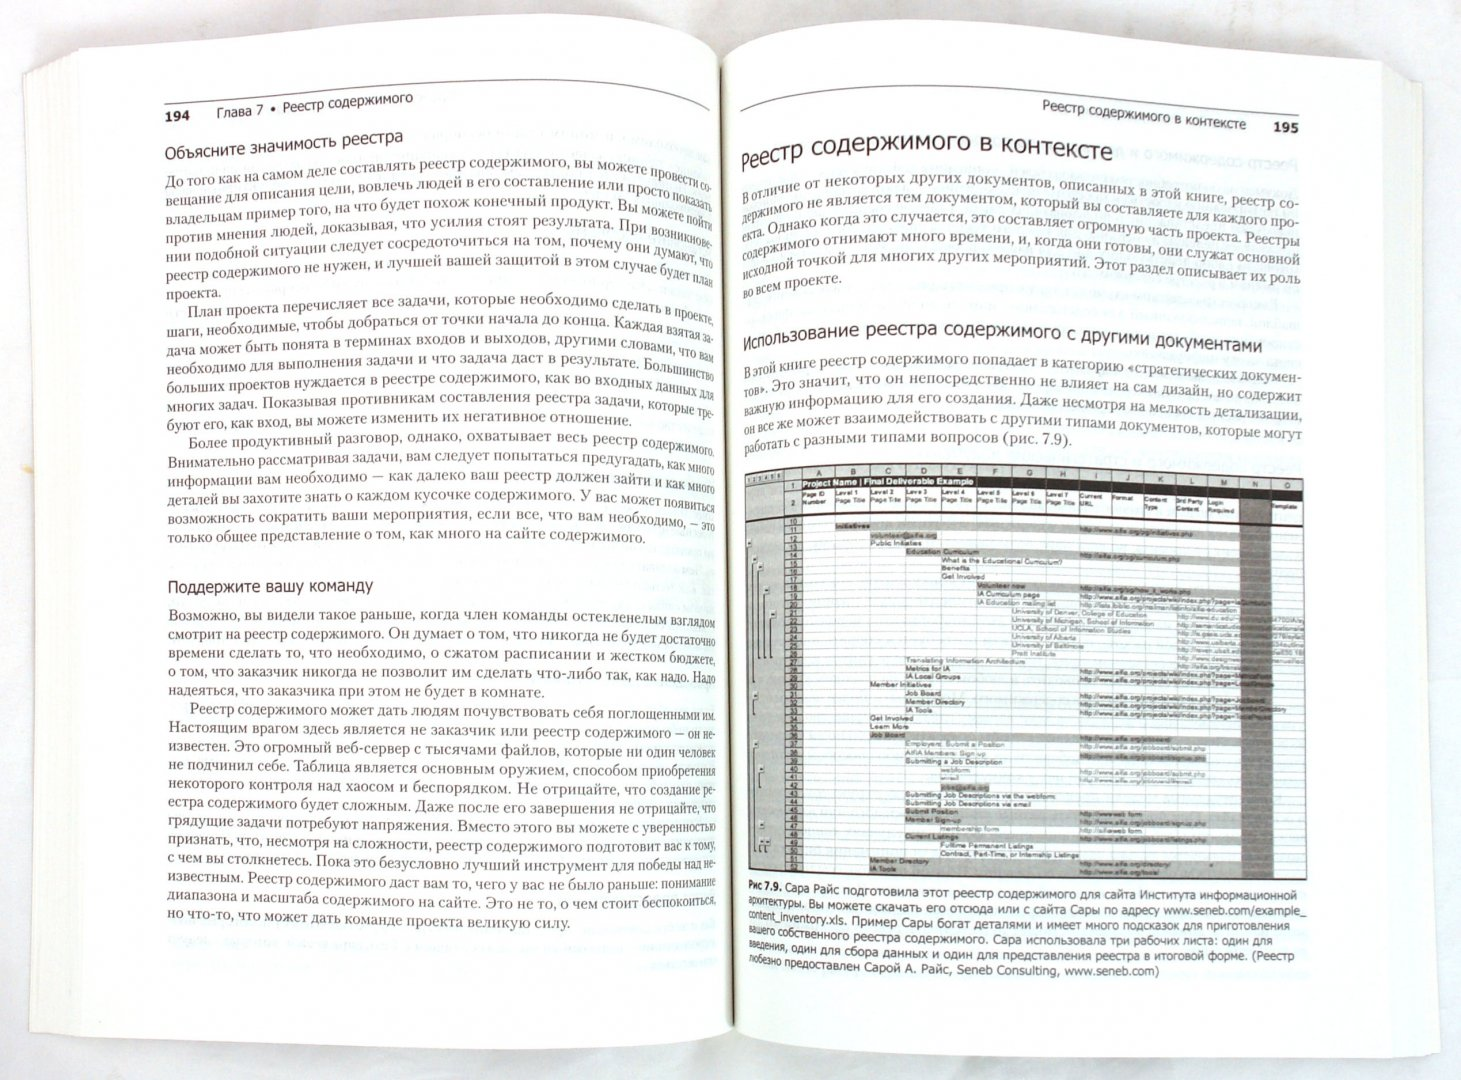 Иллюстрация 1 из 19 для Разработка веб-сайта. Взаимодействие с заказчиком, дизайнером и программистом - Д. Браун   Лабиринт - книги. Источник: Лабиринт